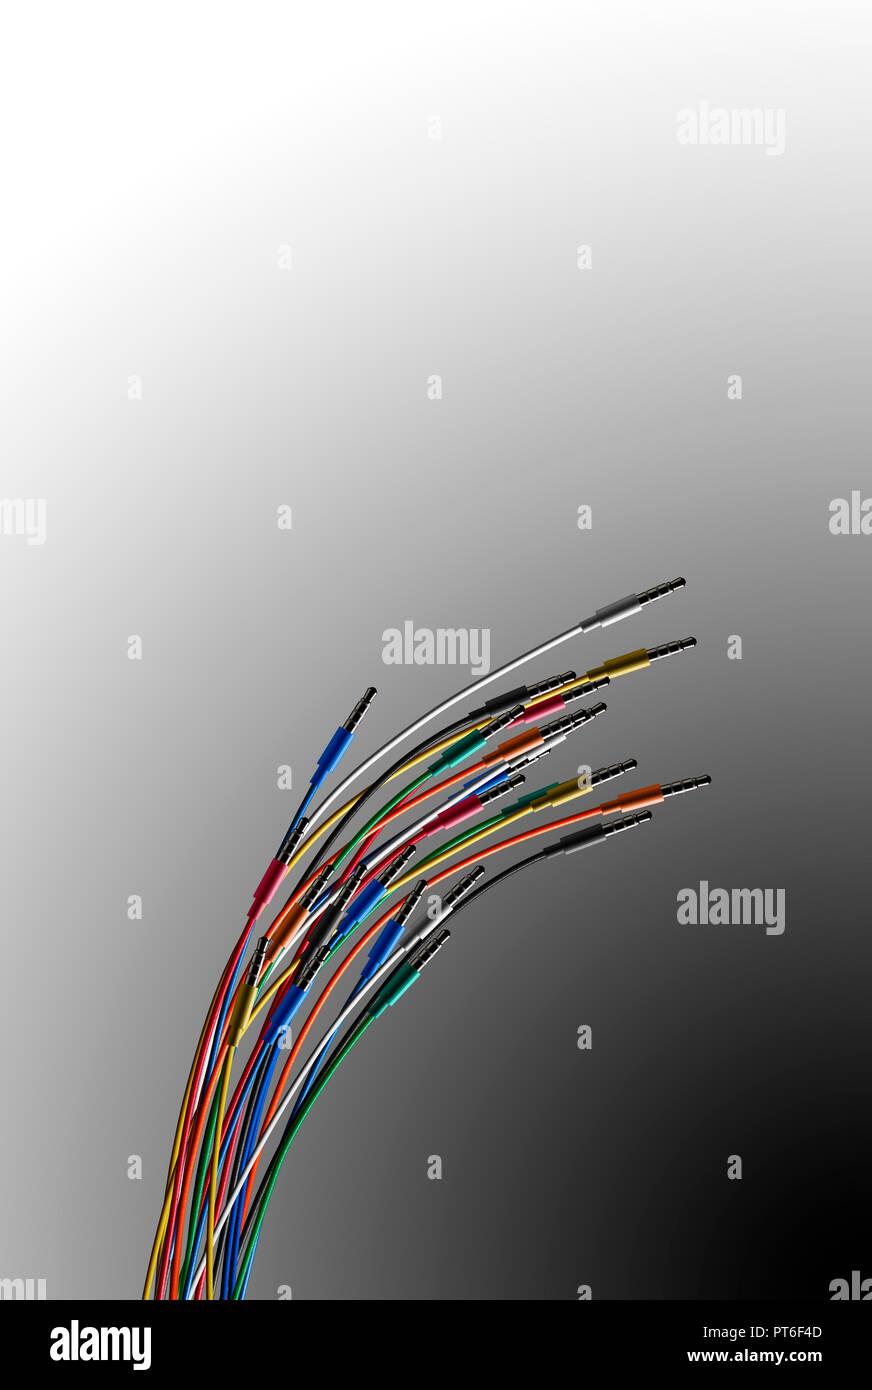 Farbige Kabel mit Klinkenstecker Stockbild